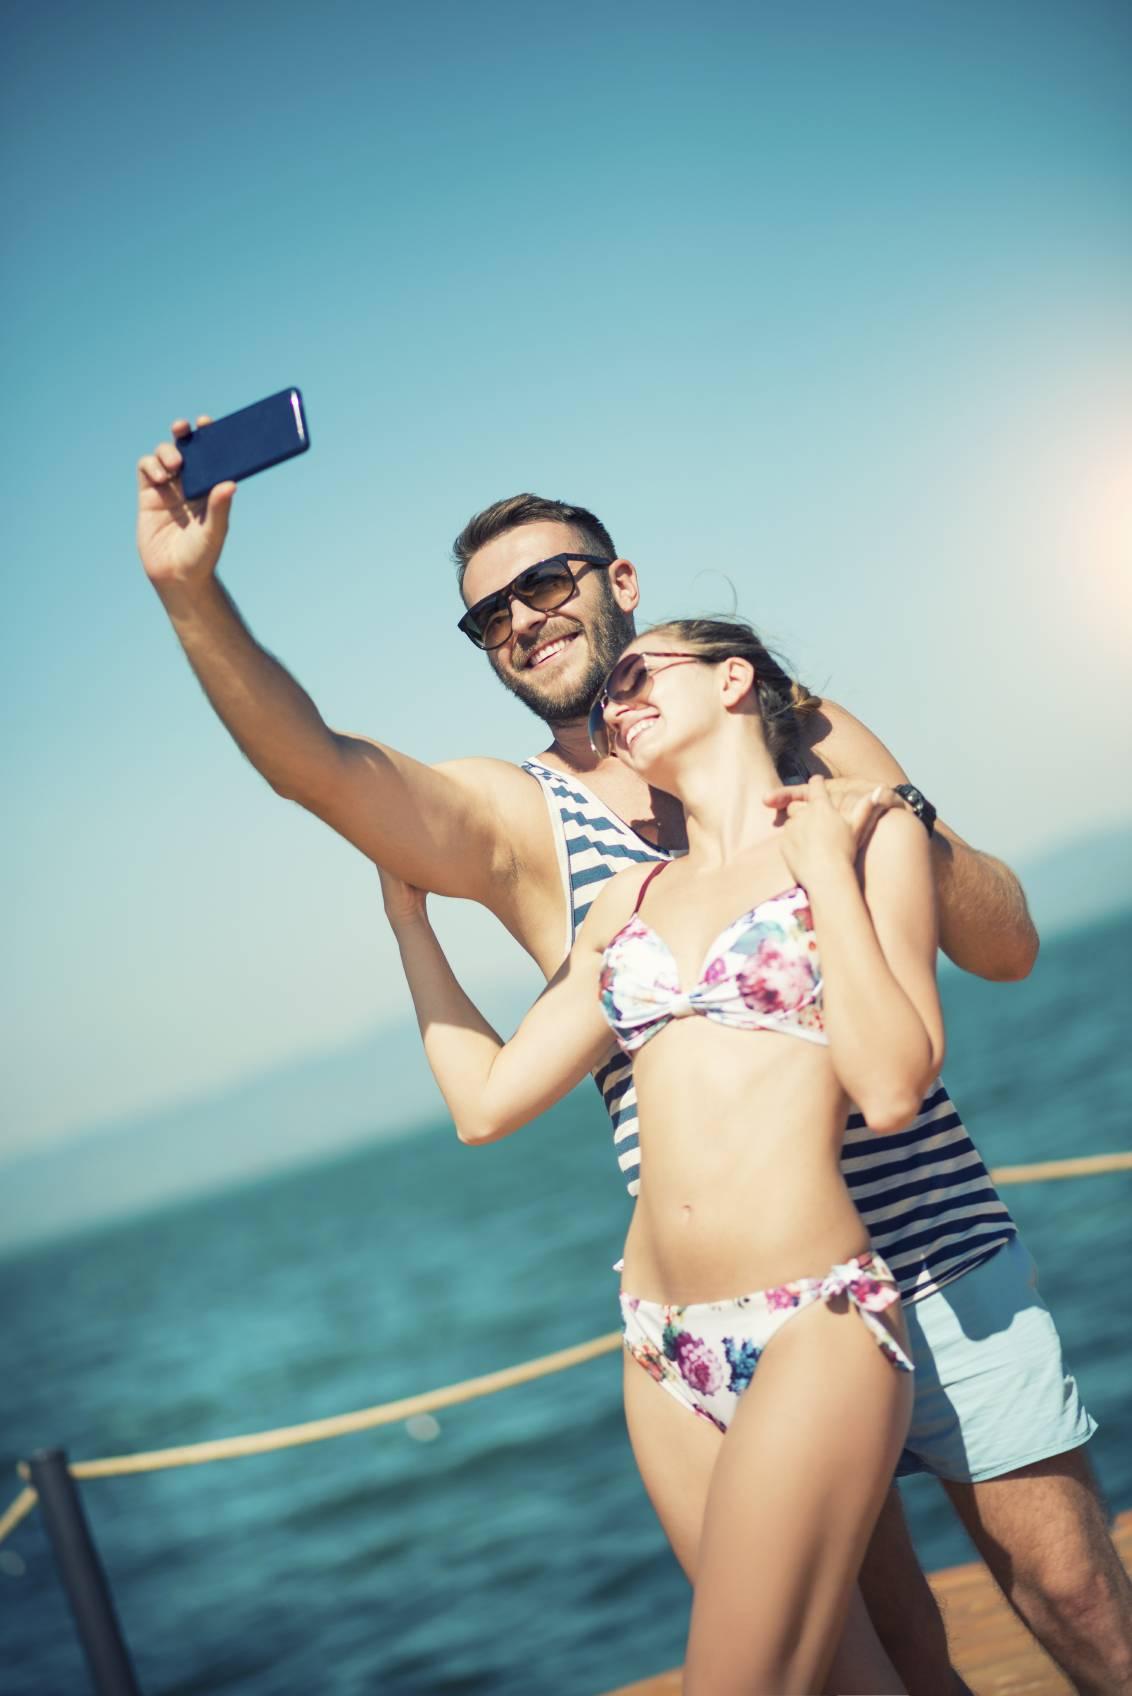 Vacances en amoureux au soleil pas cher